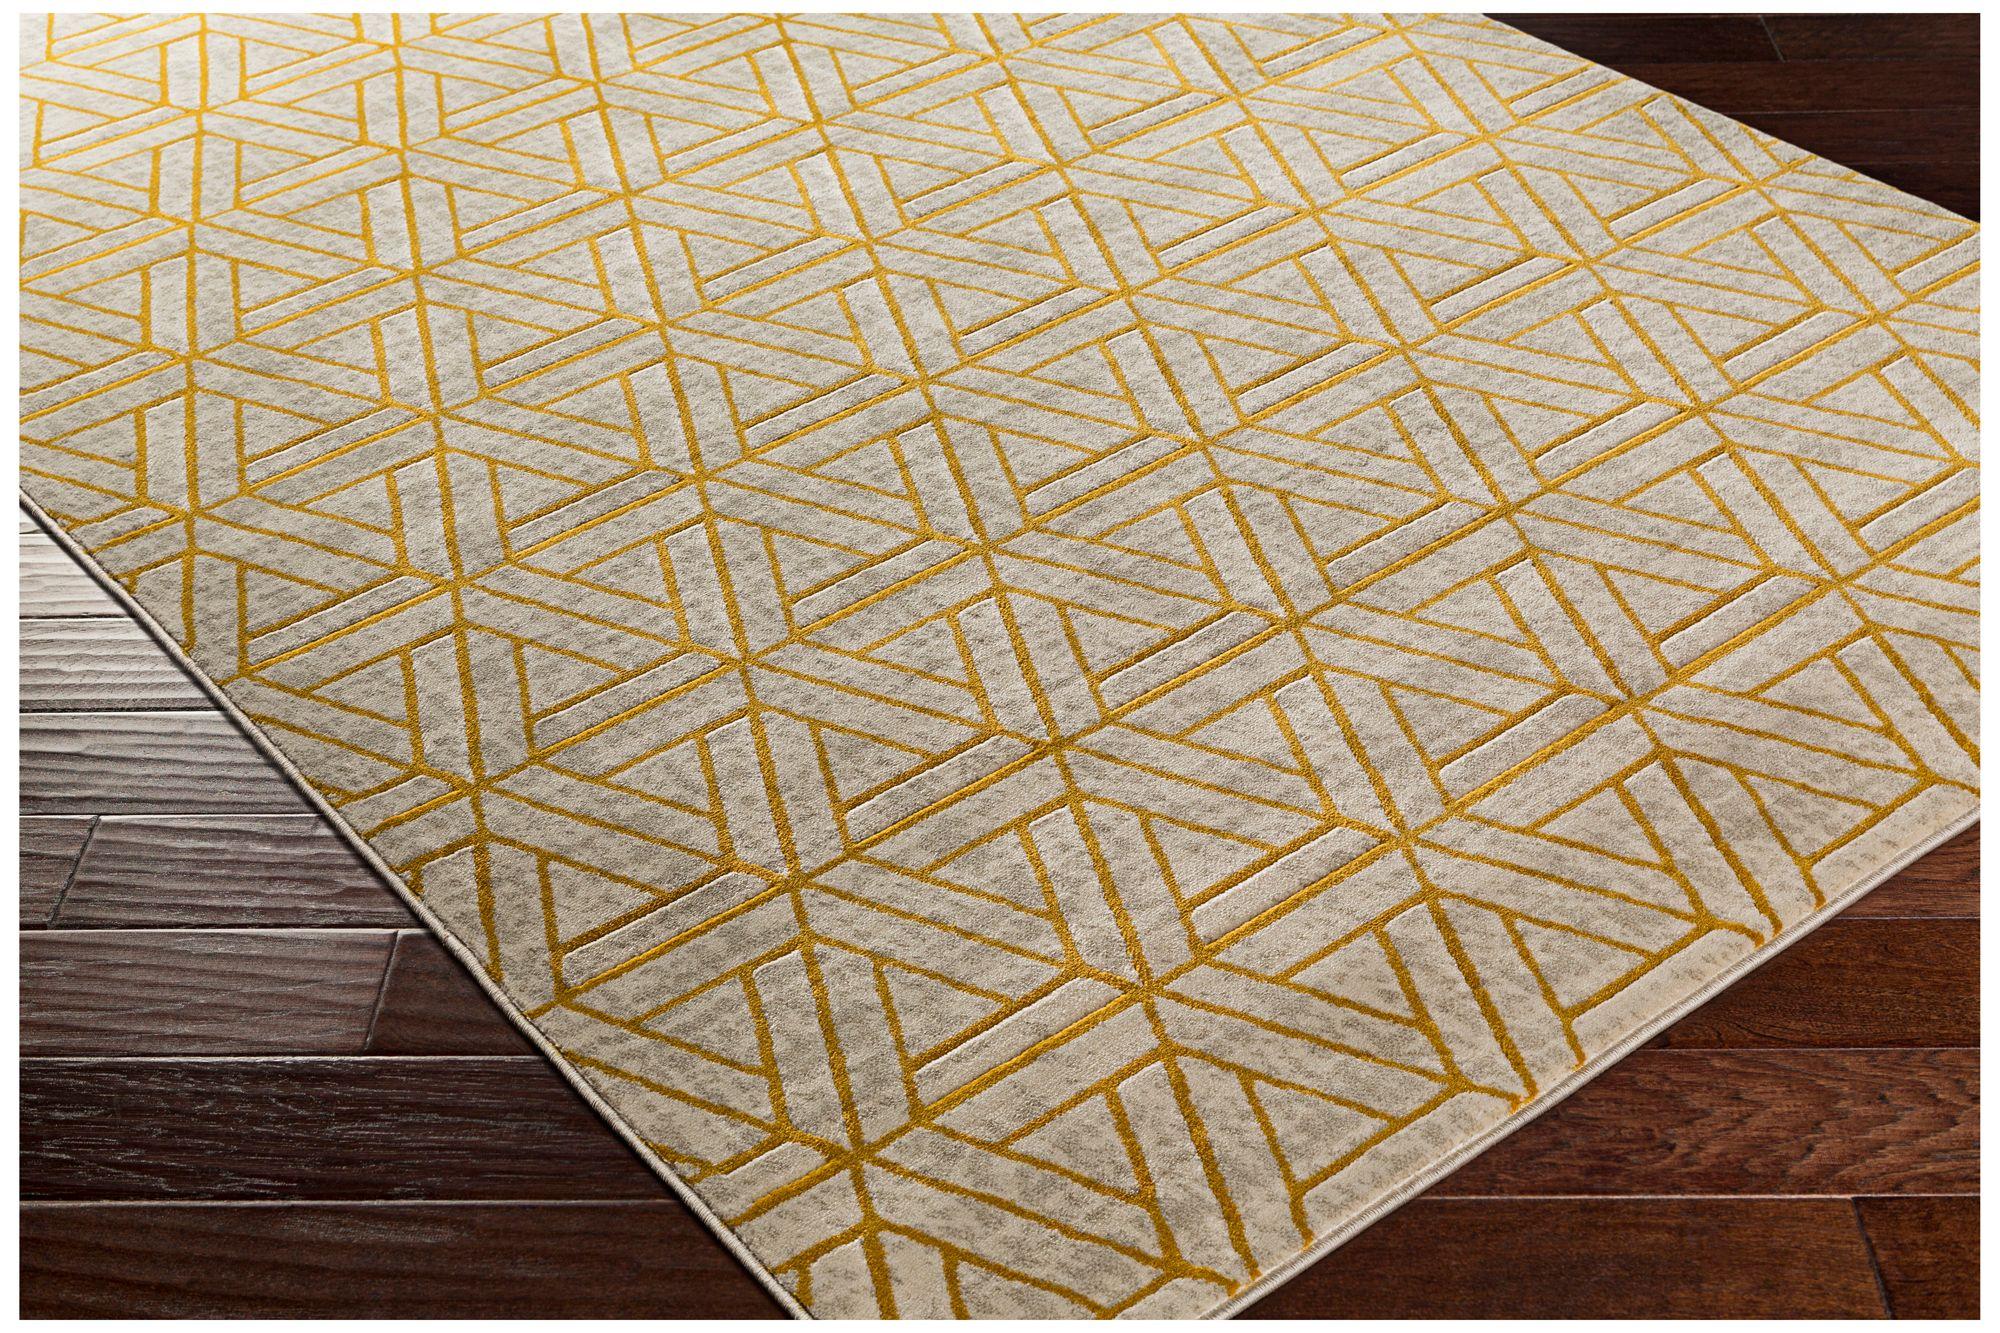 Surya Jax JAX5027 Mustard Yellow Area Rug